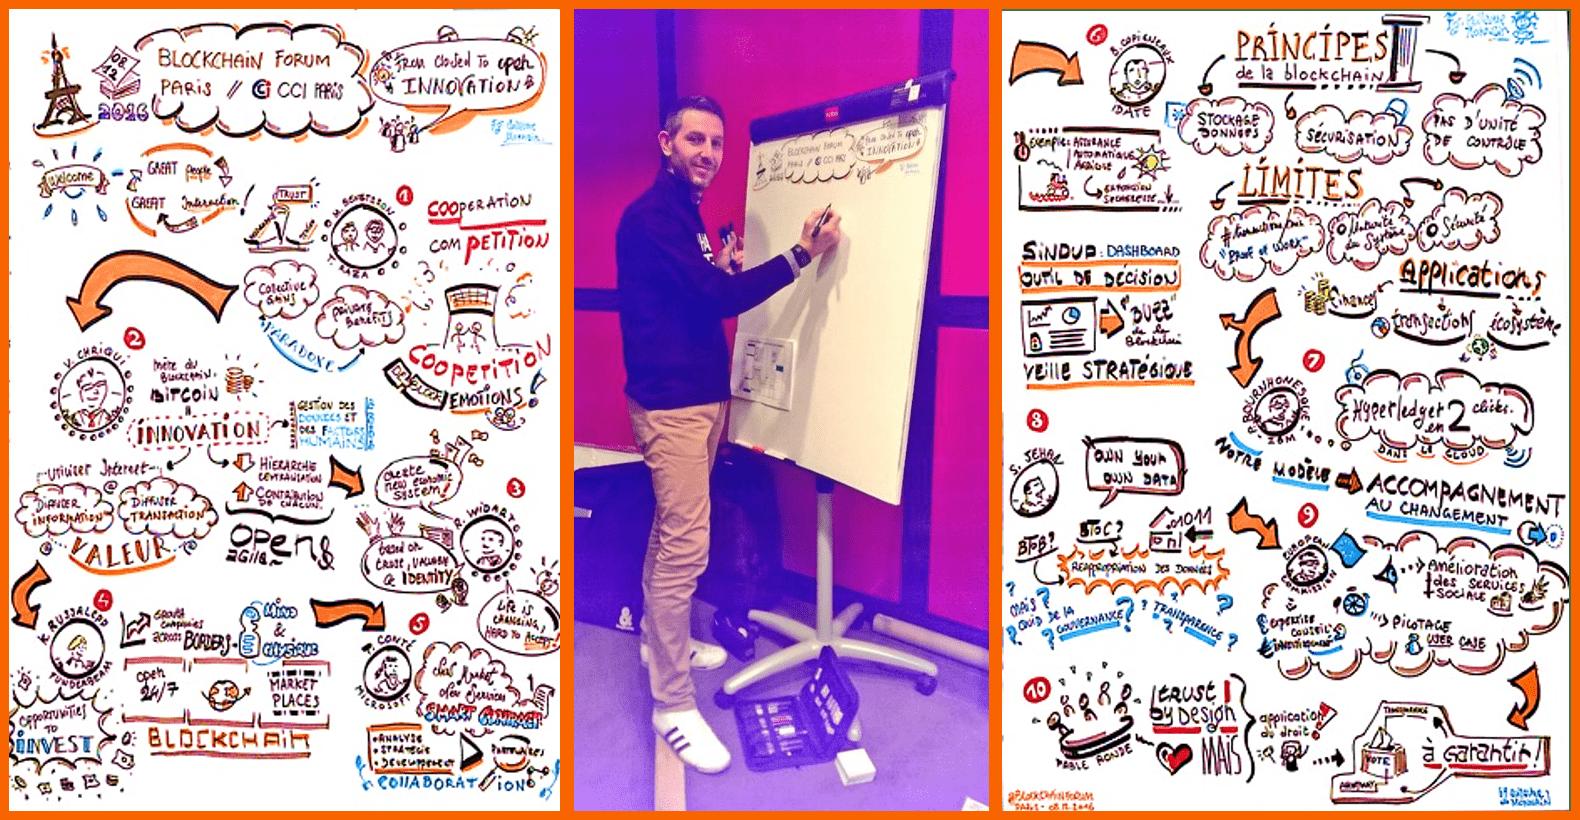 Scribing lors du Forum Blockchain 2016, CCI de Paris